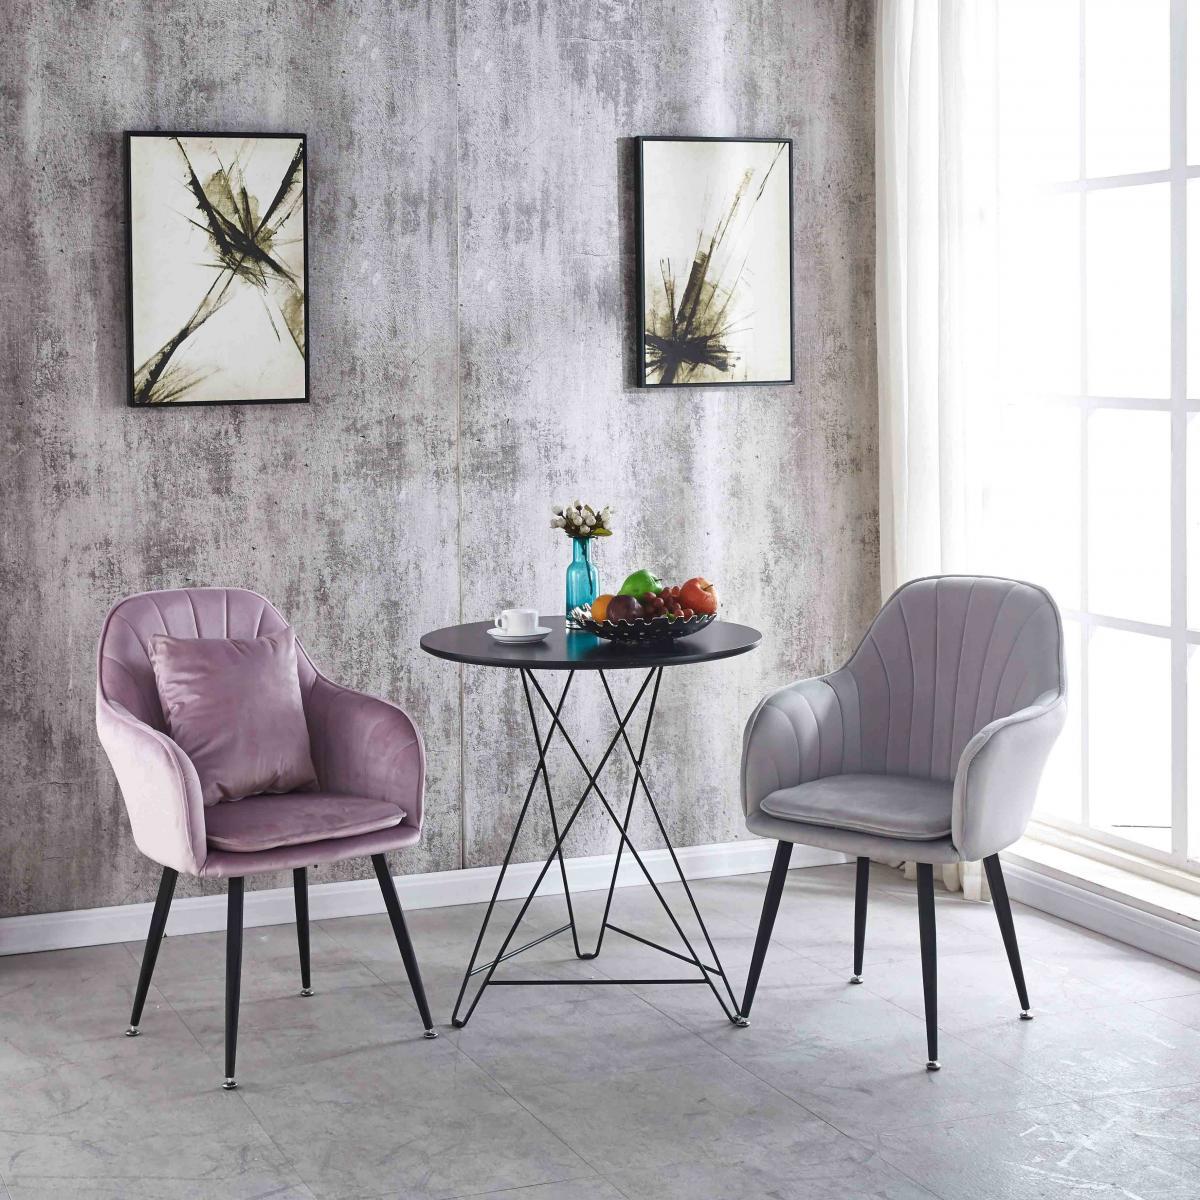 北欧椅子化妆椅ins网红美甲椅现代简约靠背梳妆椅餐厅铁艺家用凳